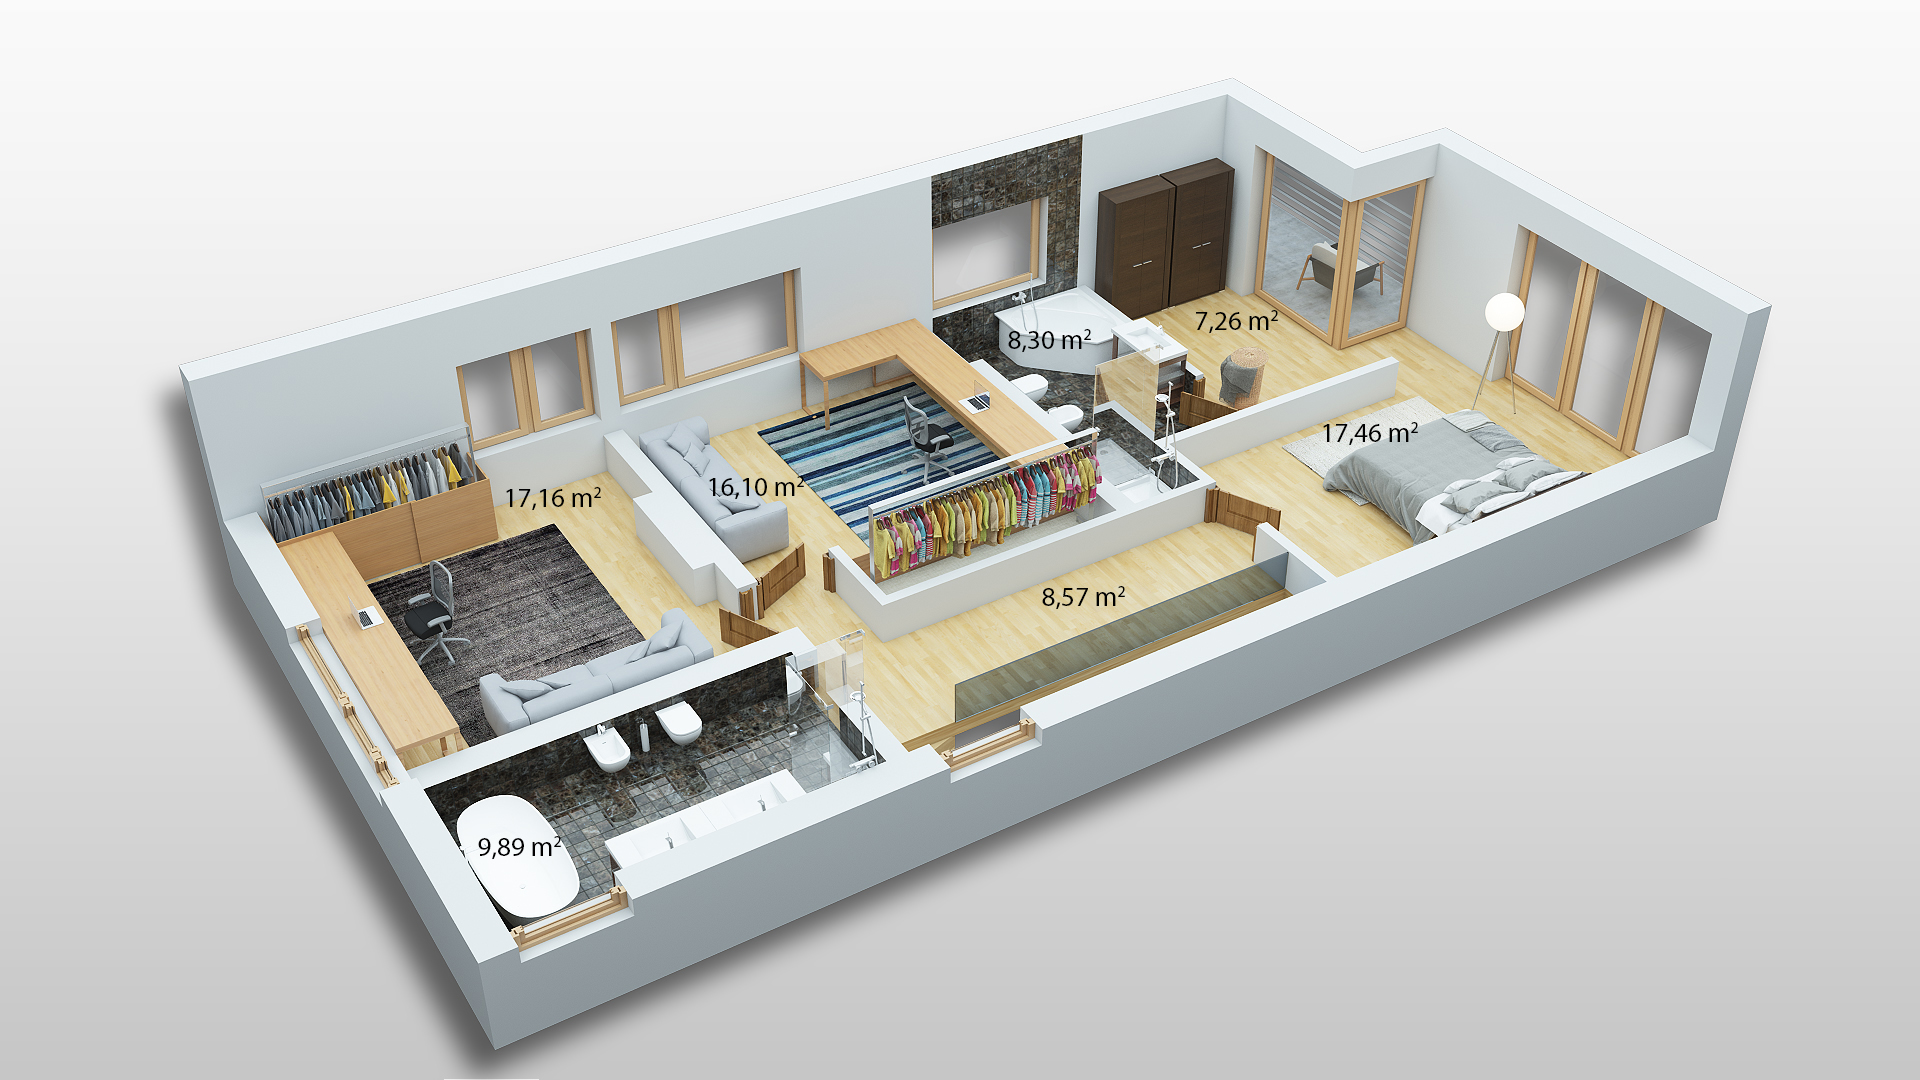 Sostinės Parkas - Pirmojo namo varianto antrojo aukšto palnas